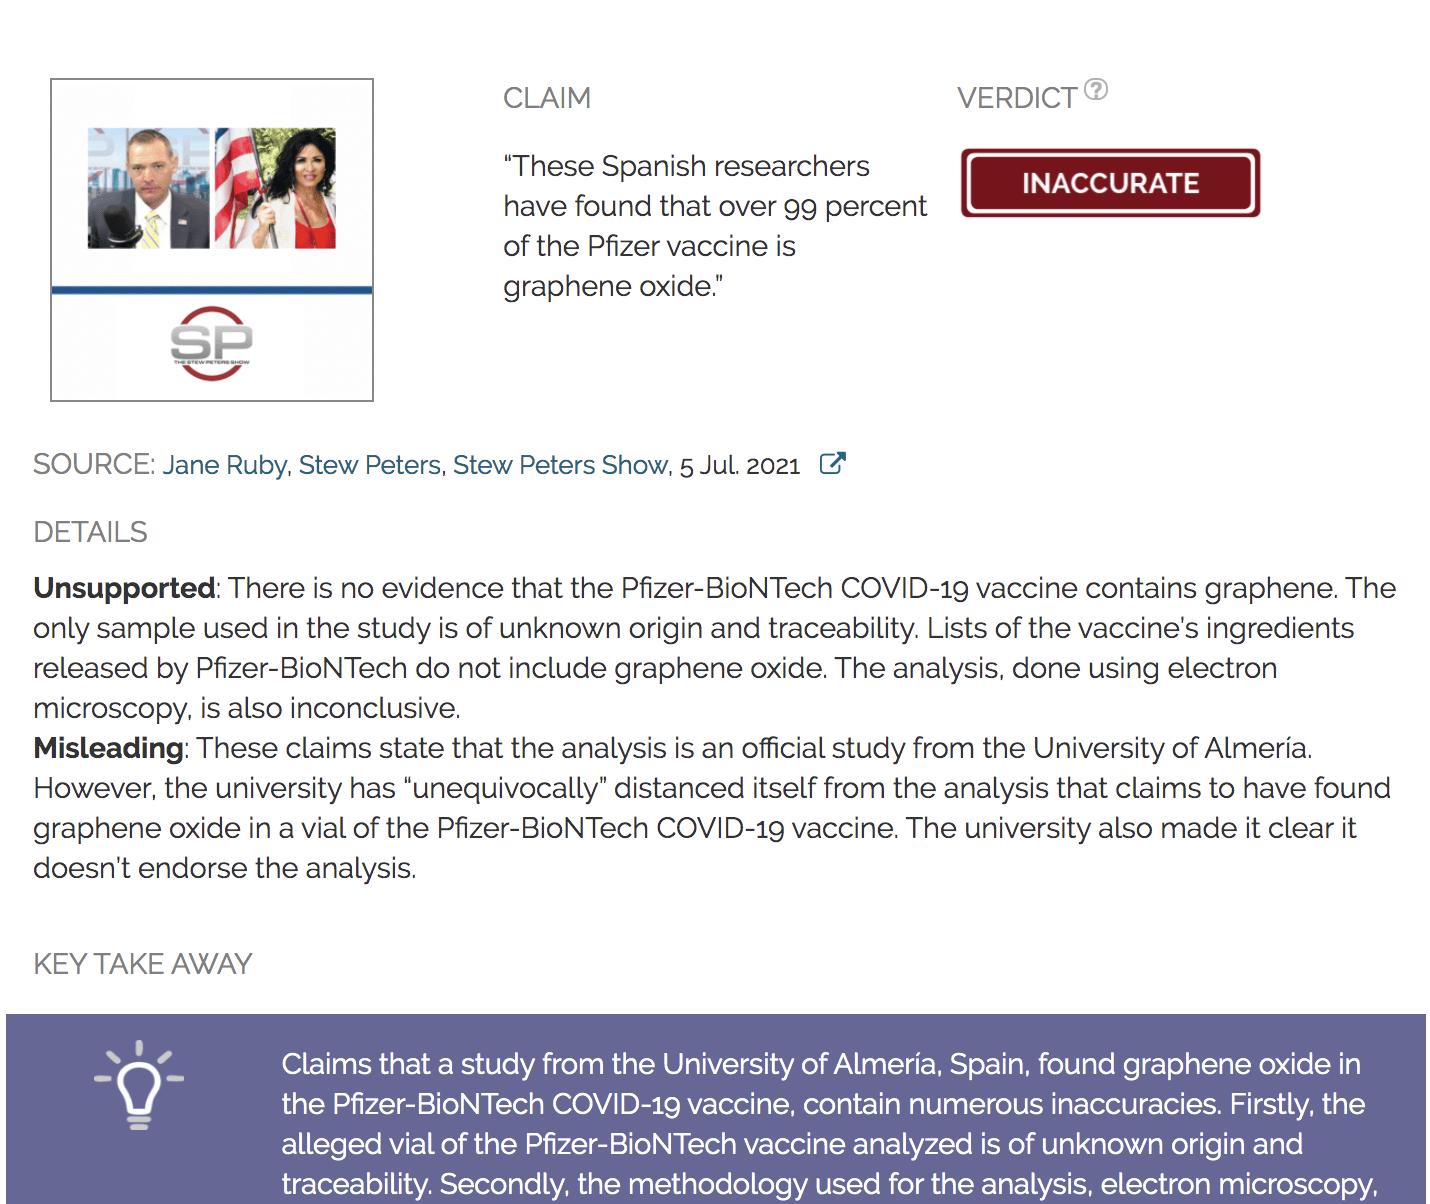 healthfeedback.org